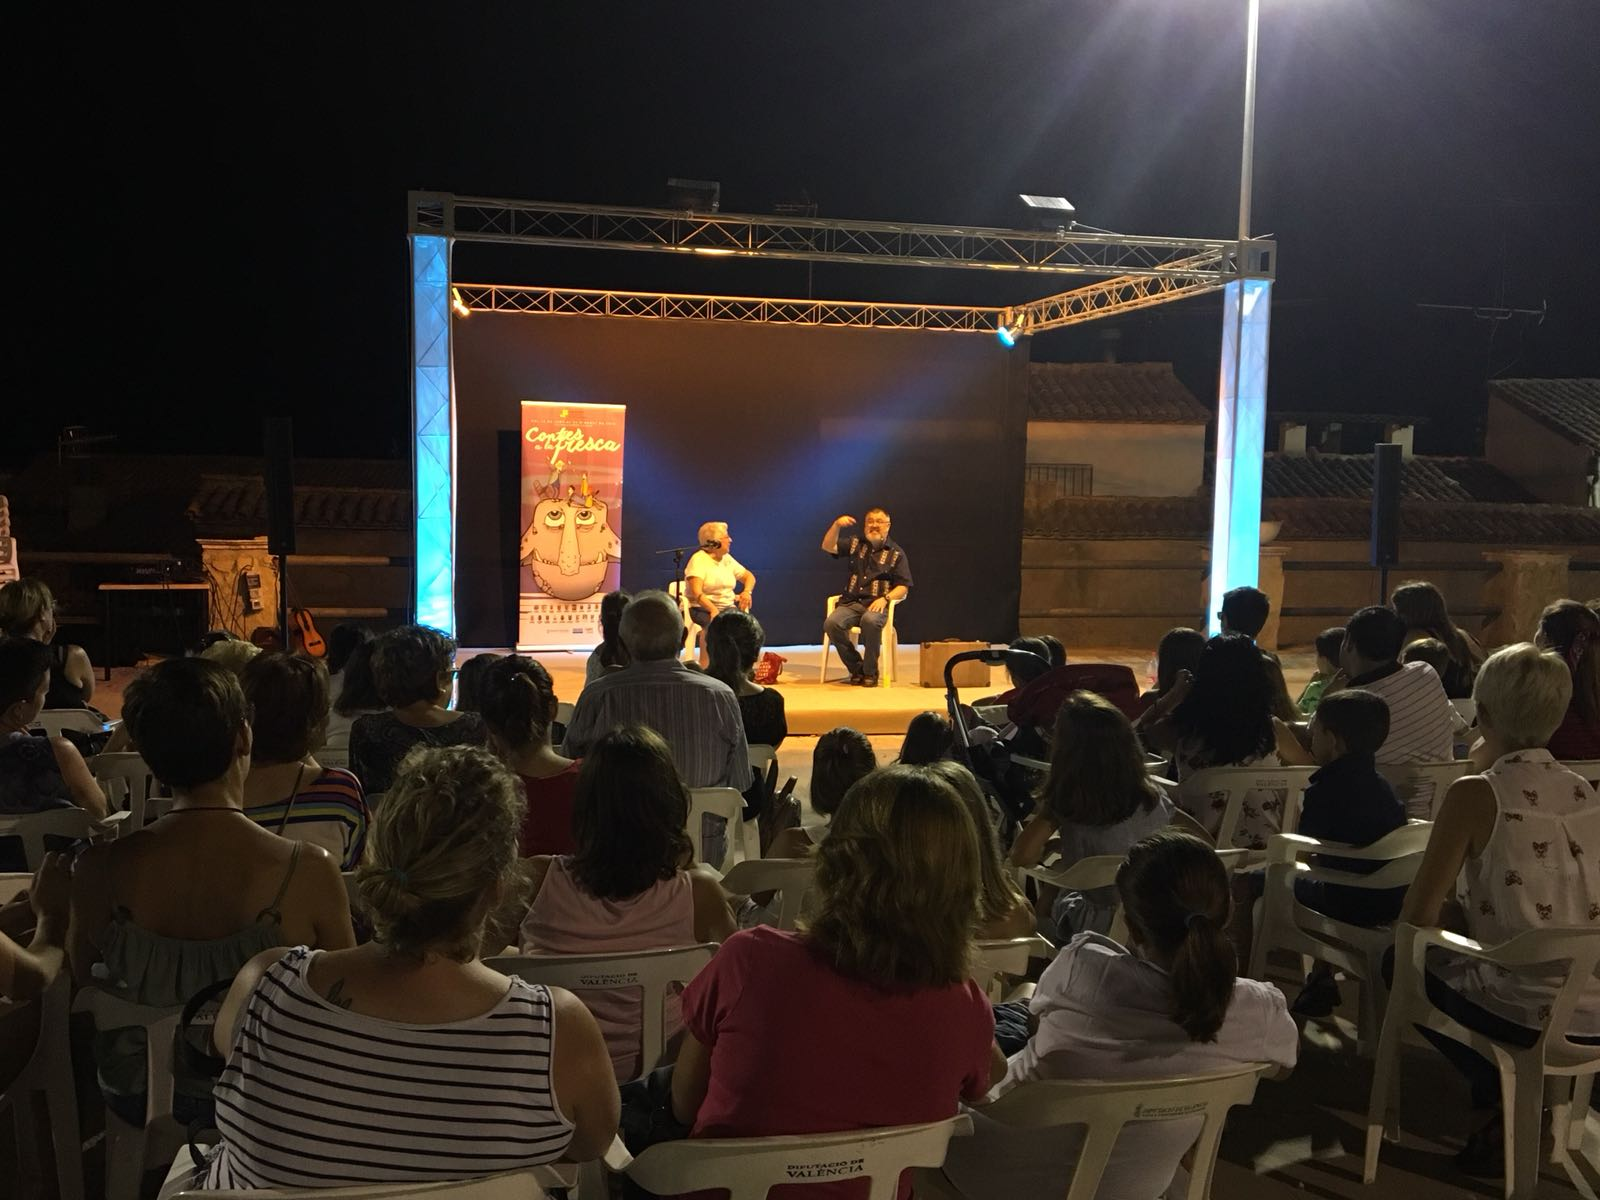 La tradició de la narrativa oral continua a la Vall d'Albaida amb 'Contes a la Fresca' El Periòdic d'Ontinyent